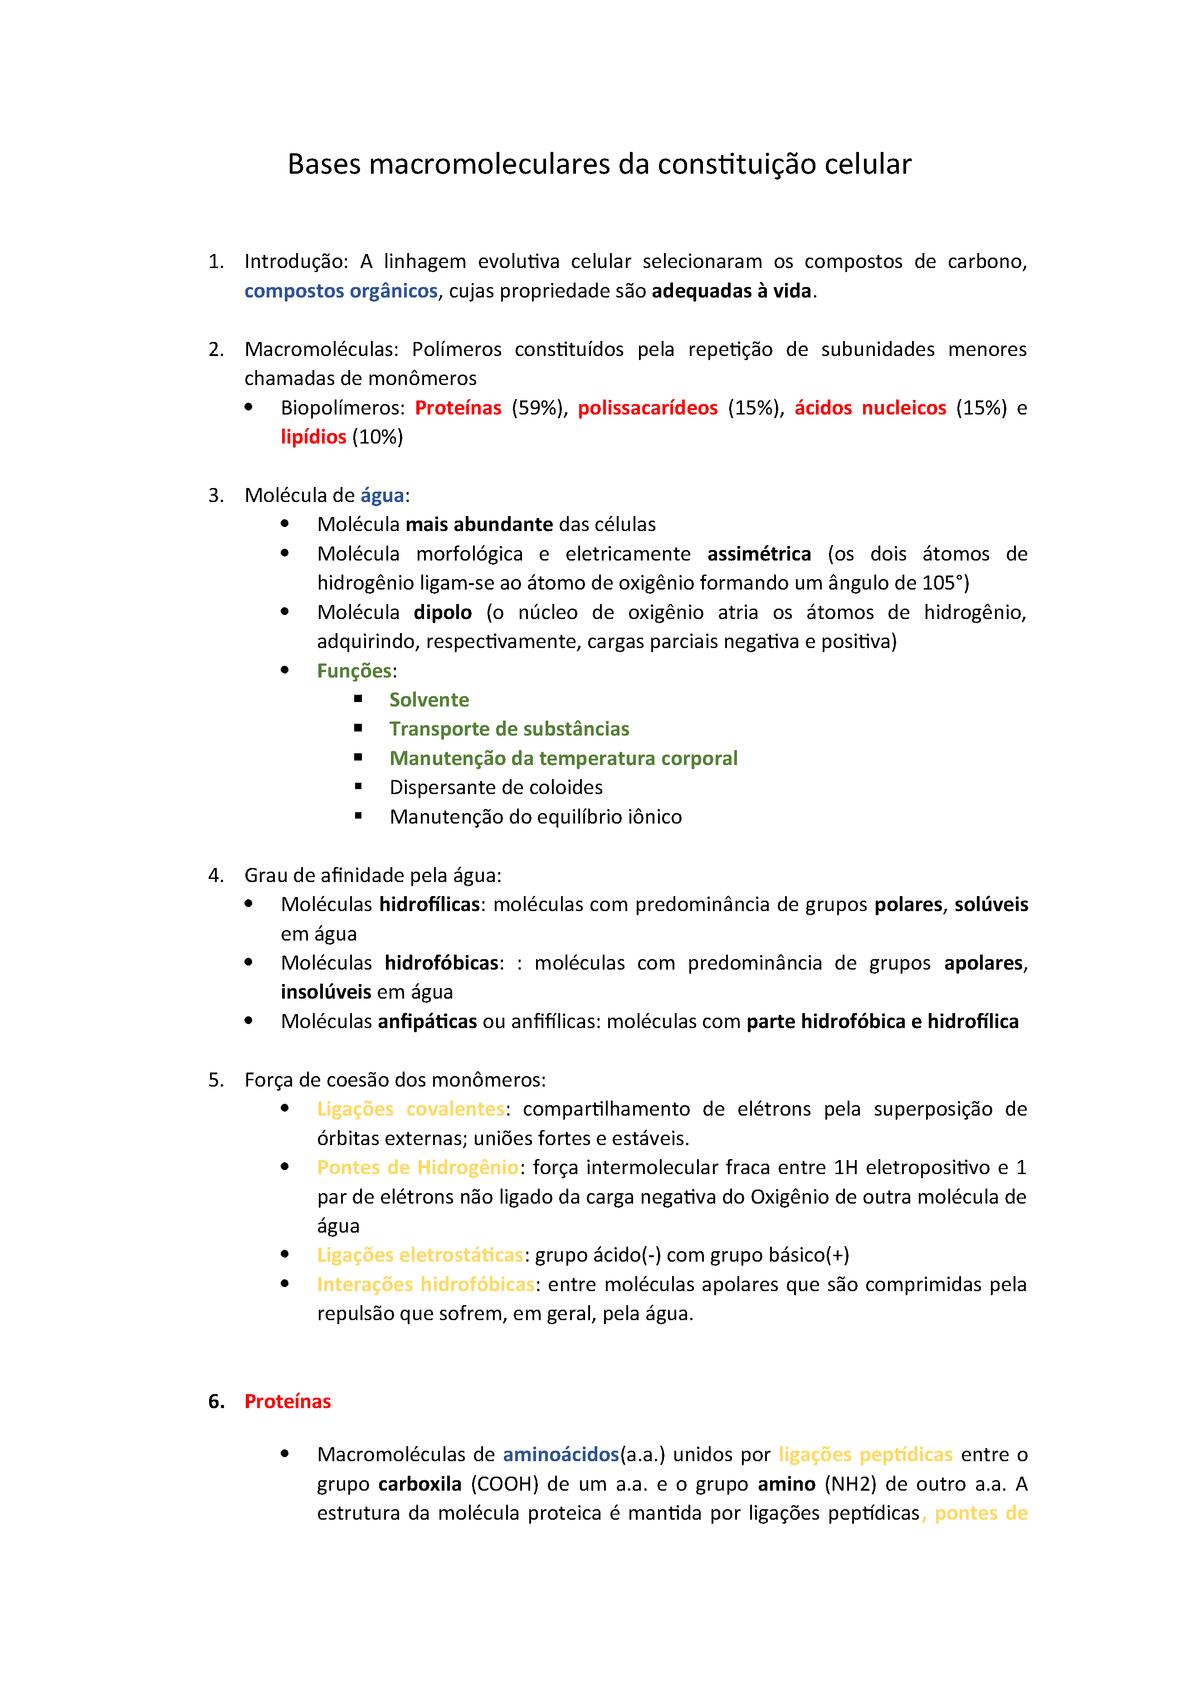 Bases Macromoleculares Da Constituição Celular Gbd001